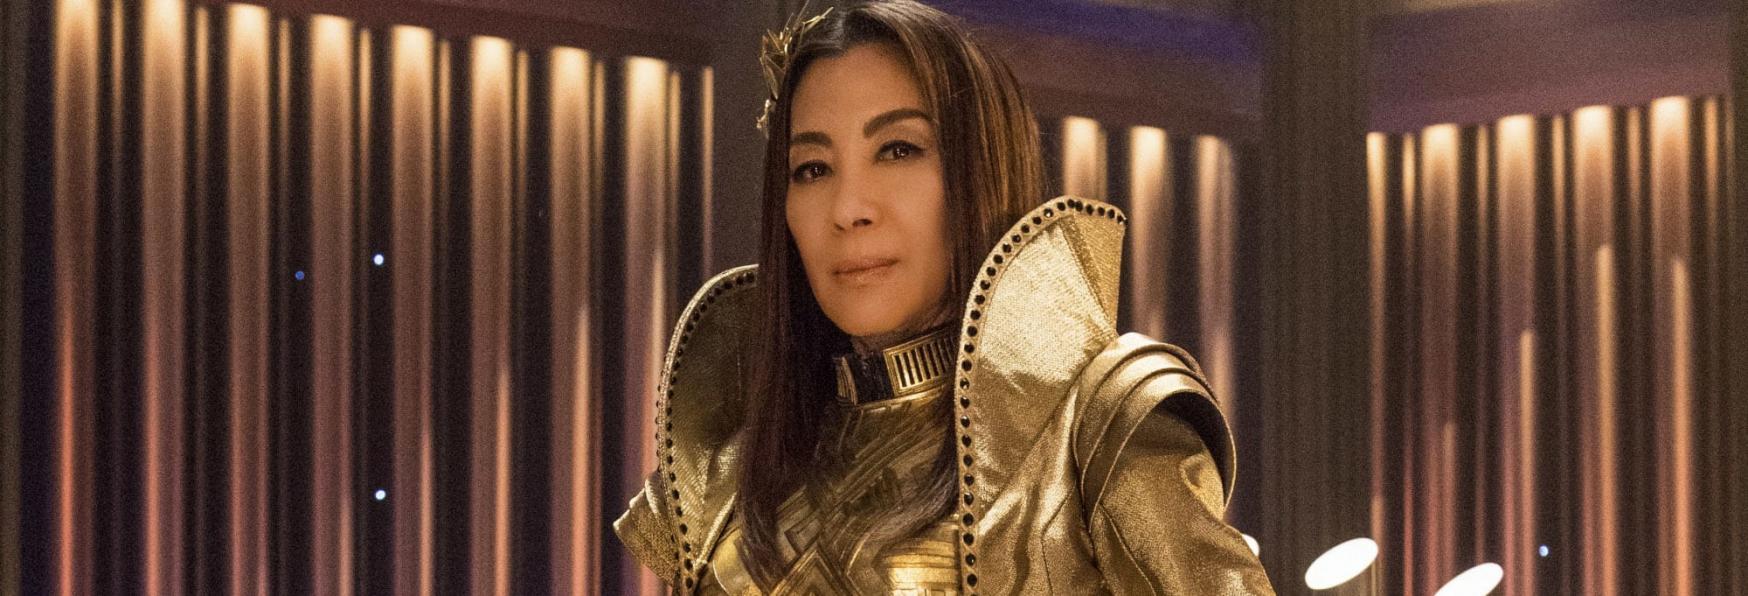 Star Trek: Discovery - Annunciato un nuovo Romanzo Spin-off della Serie TV